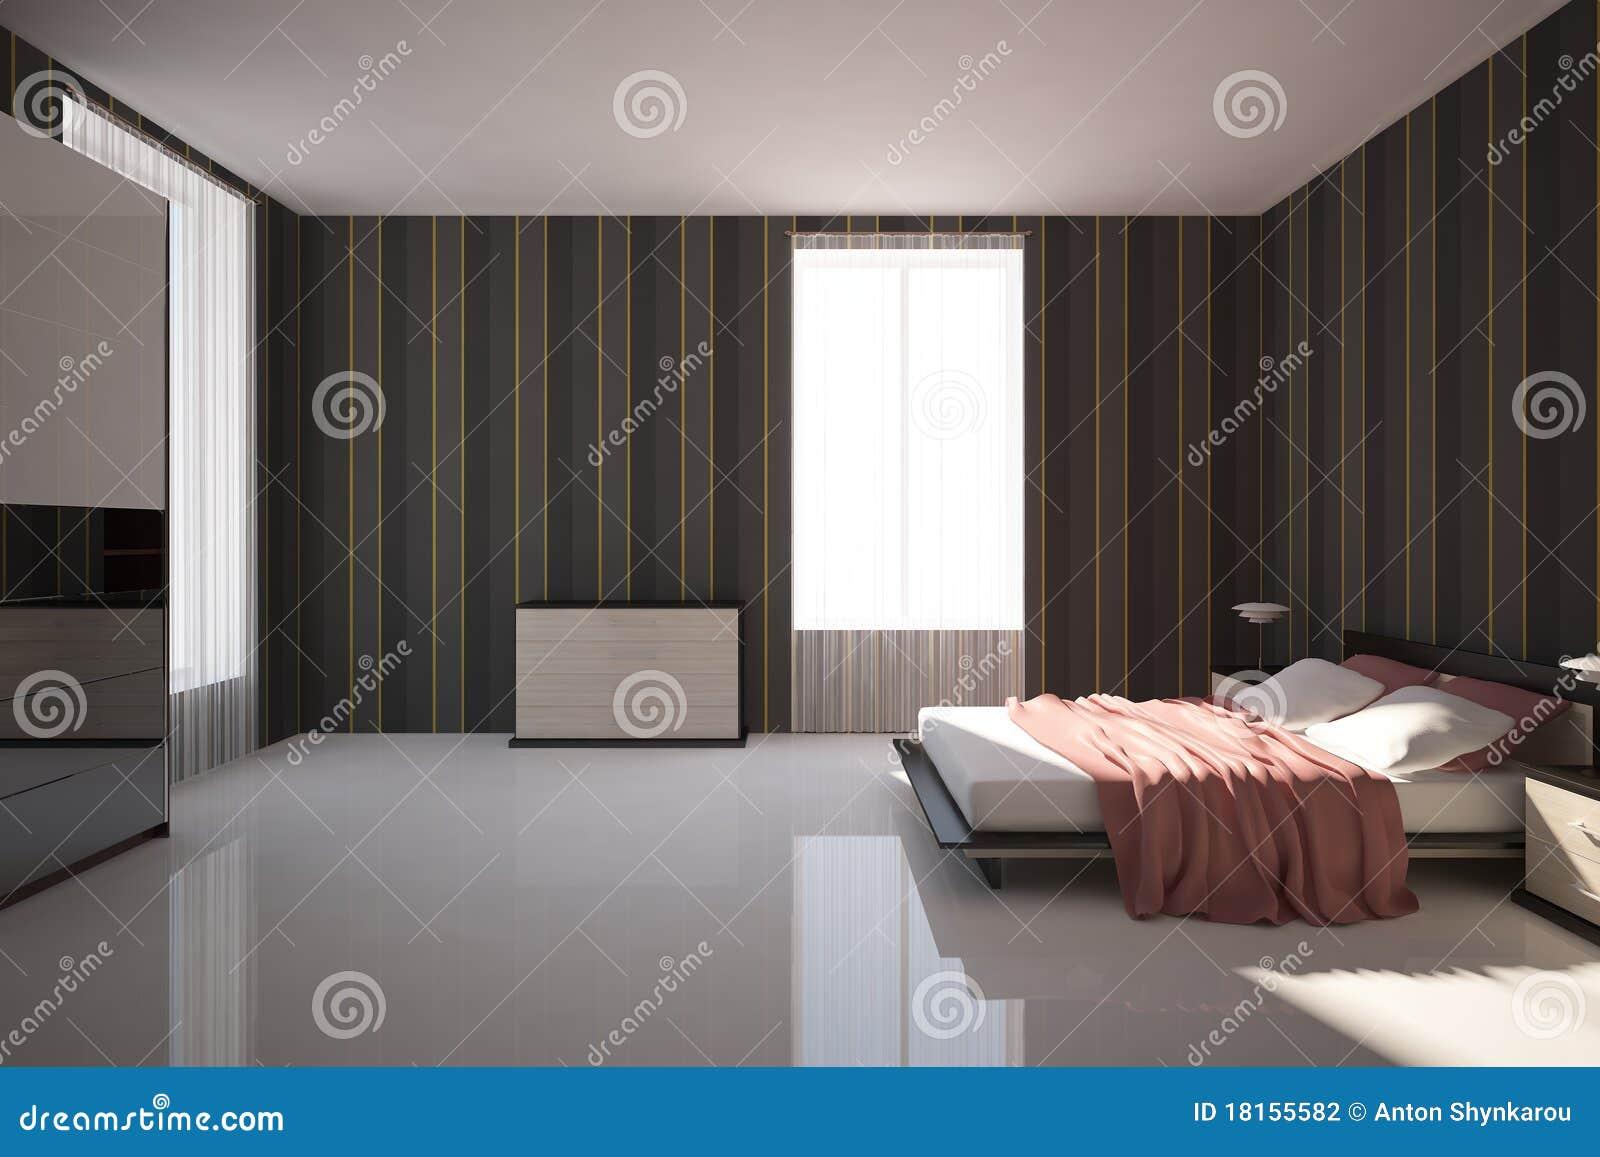 Slaapkamer Donkere Vloer : Slaapkamer donkere vloer beste ideen over huis en interieur